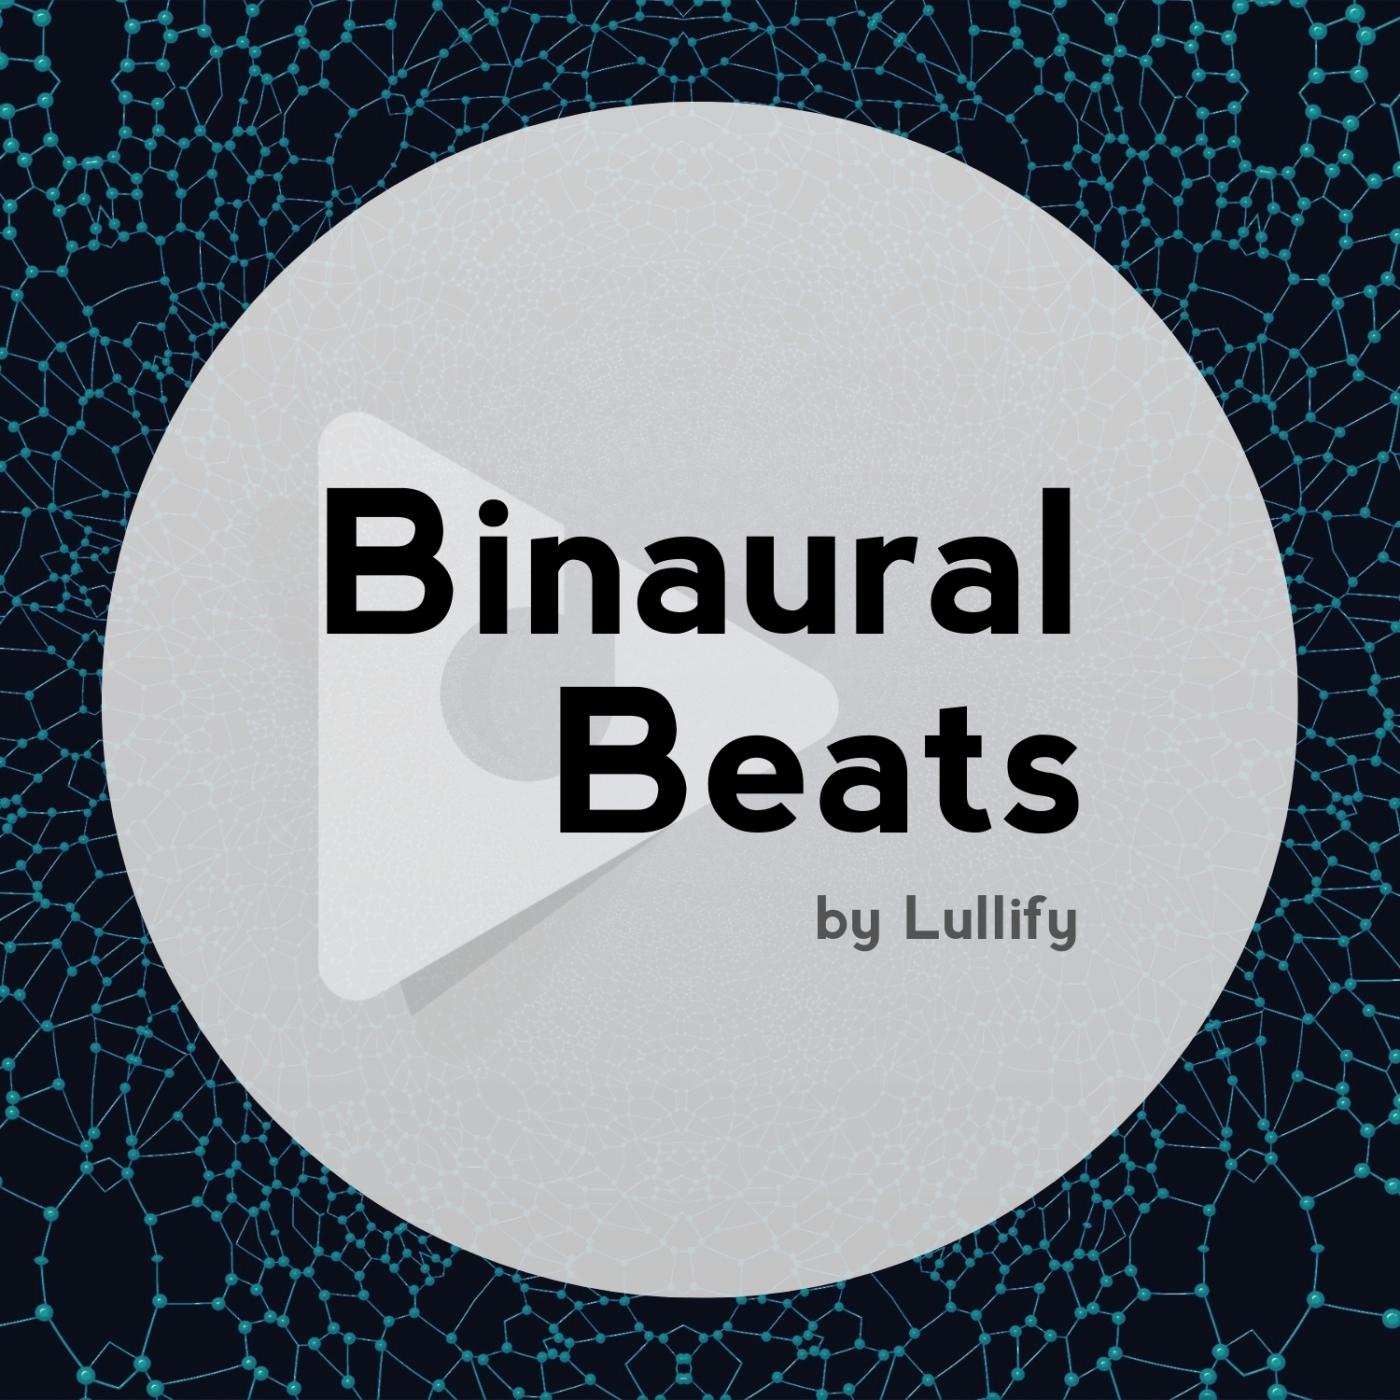 Binaural Beats by Lullify